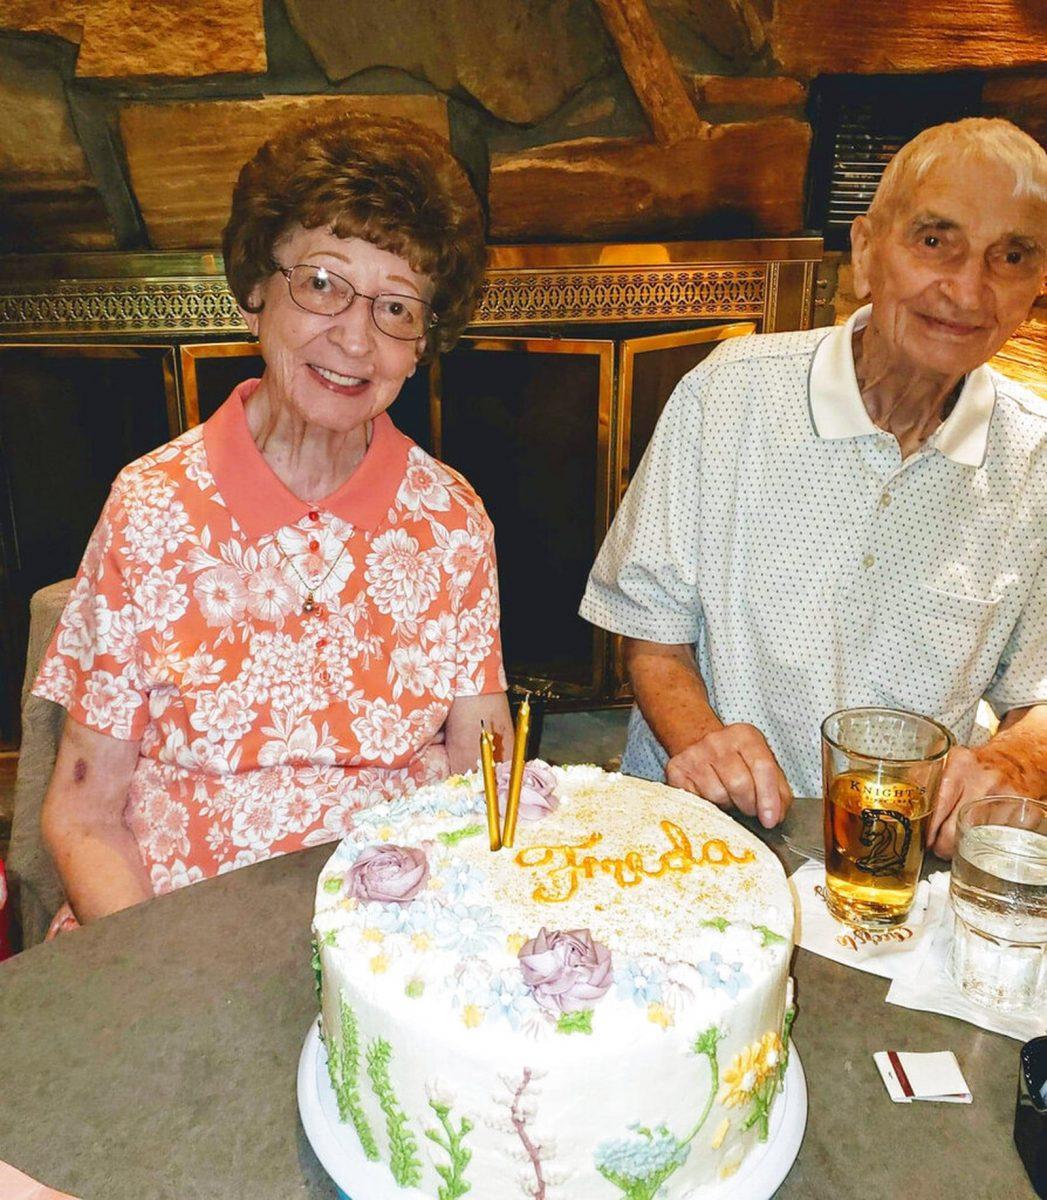 CASAL2 scaled - Casal morre com 20 minutos de diferença entre eles após 70 anos juntos